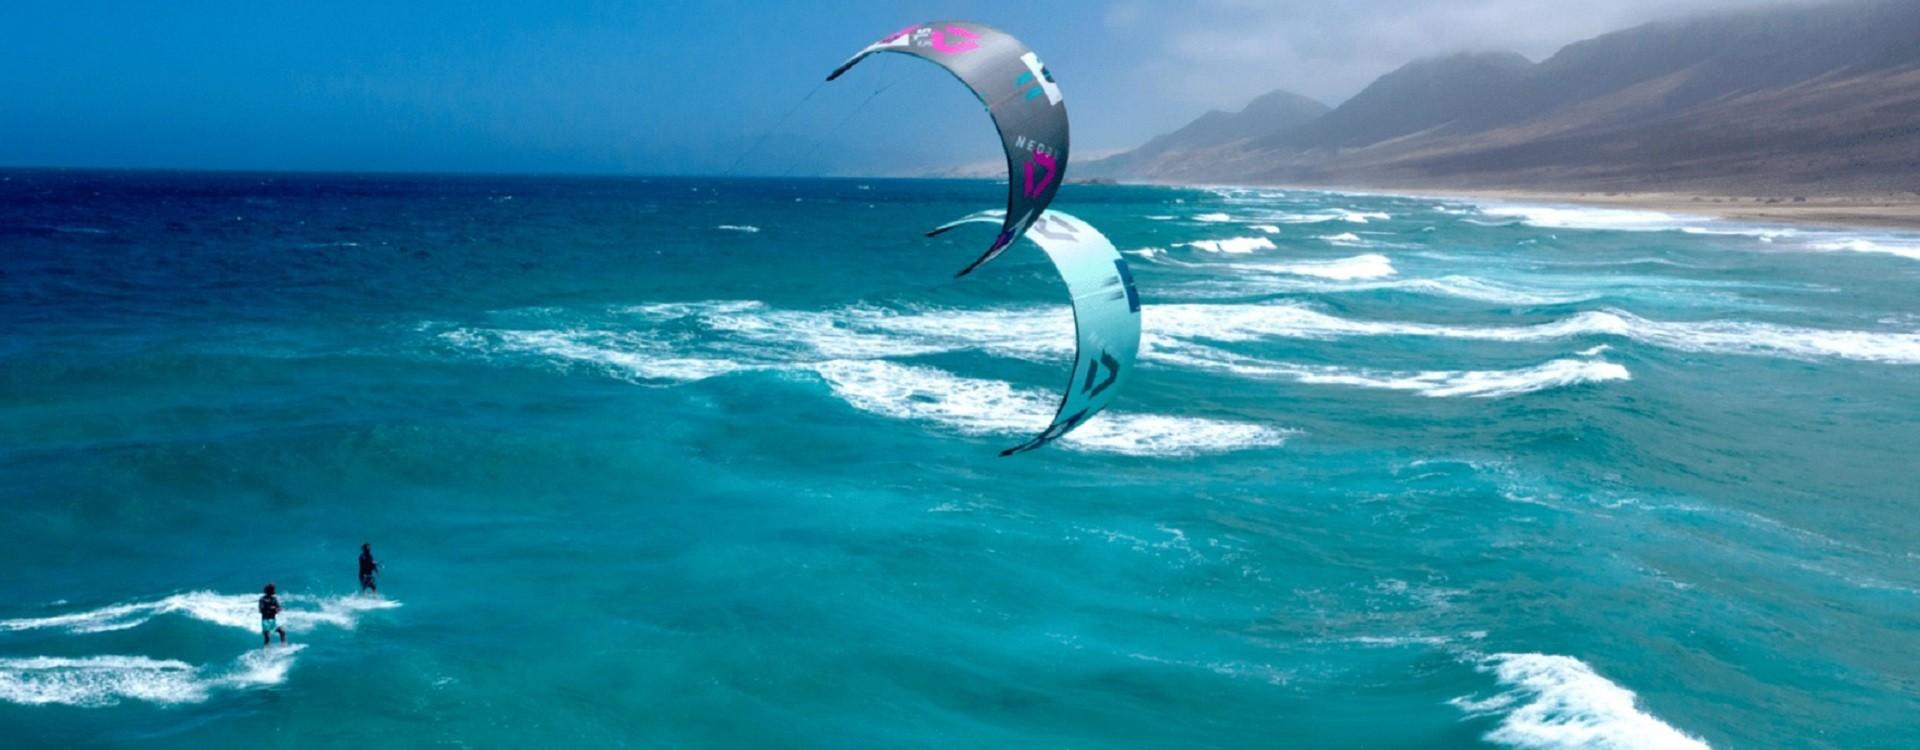 Kitesurf: perché andare con il surfino a caccia di onde